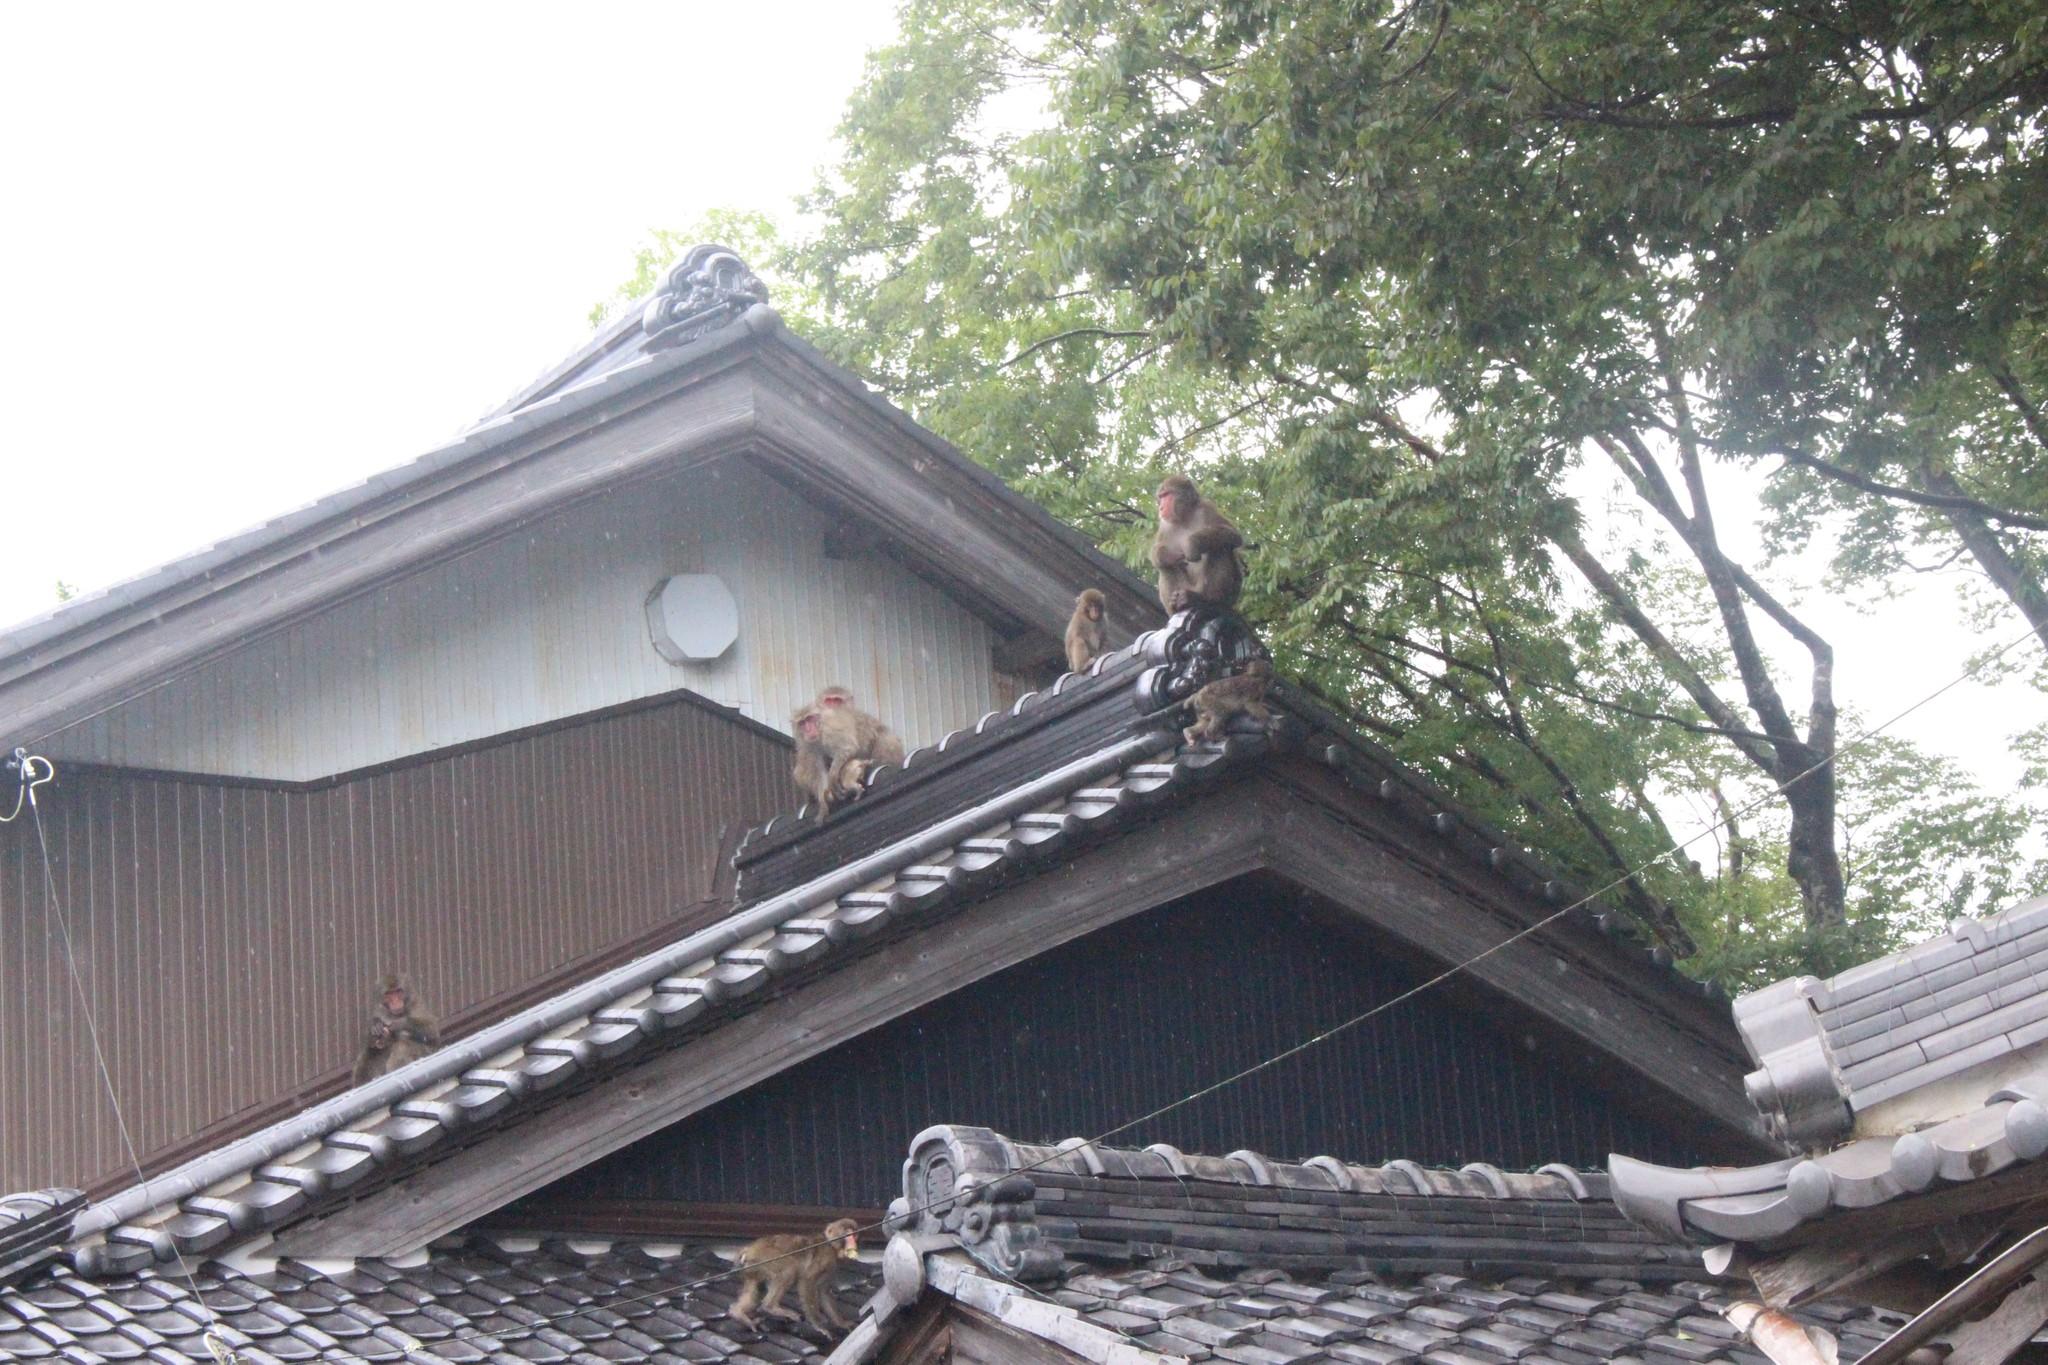 集落の屋根に現れたサル=岐阜県大垣市、池滝和秀撮影